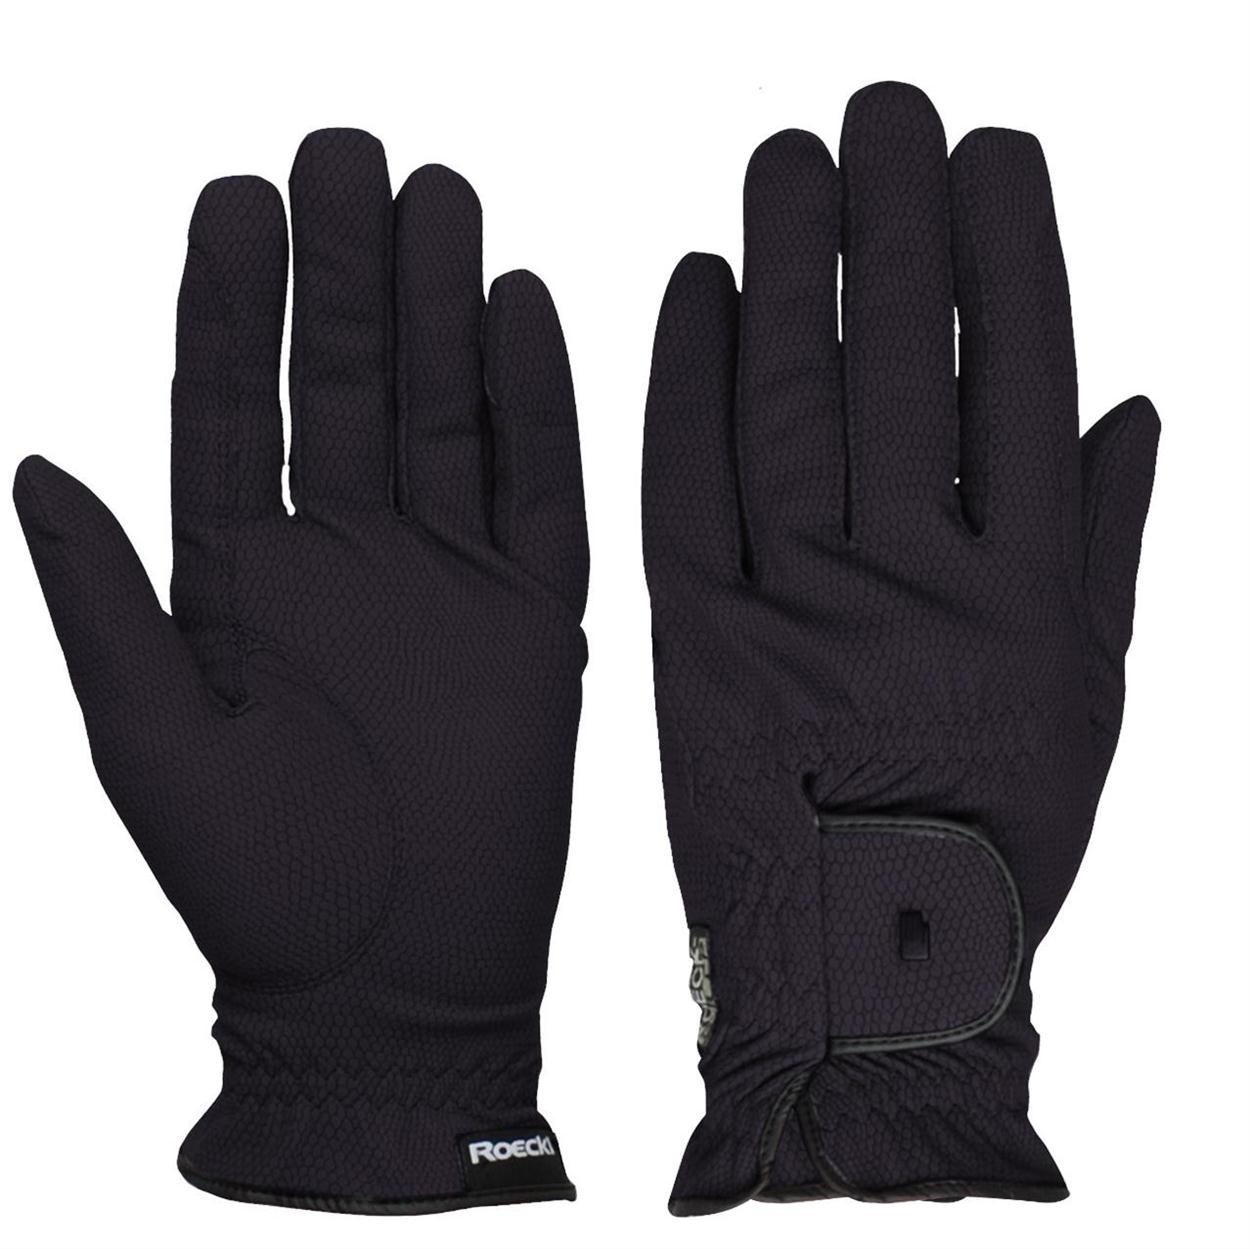 Roeckl Roeck grip Handschoen zwart maat:8